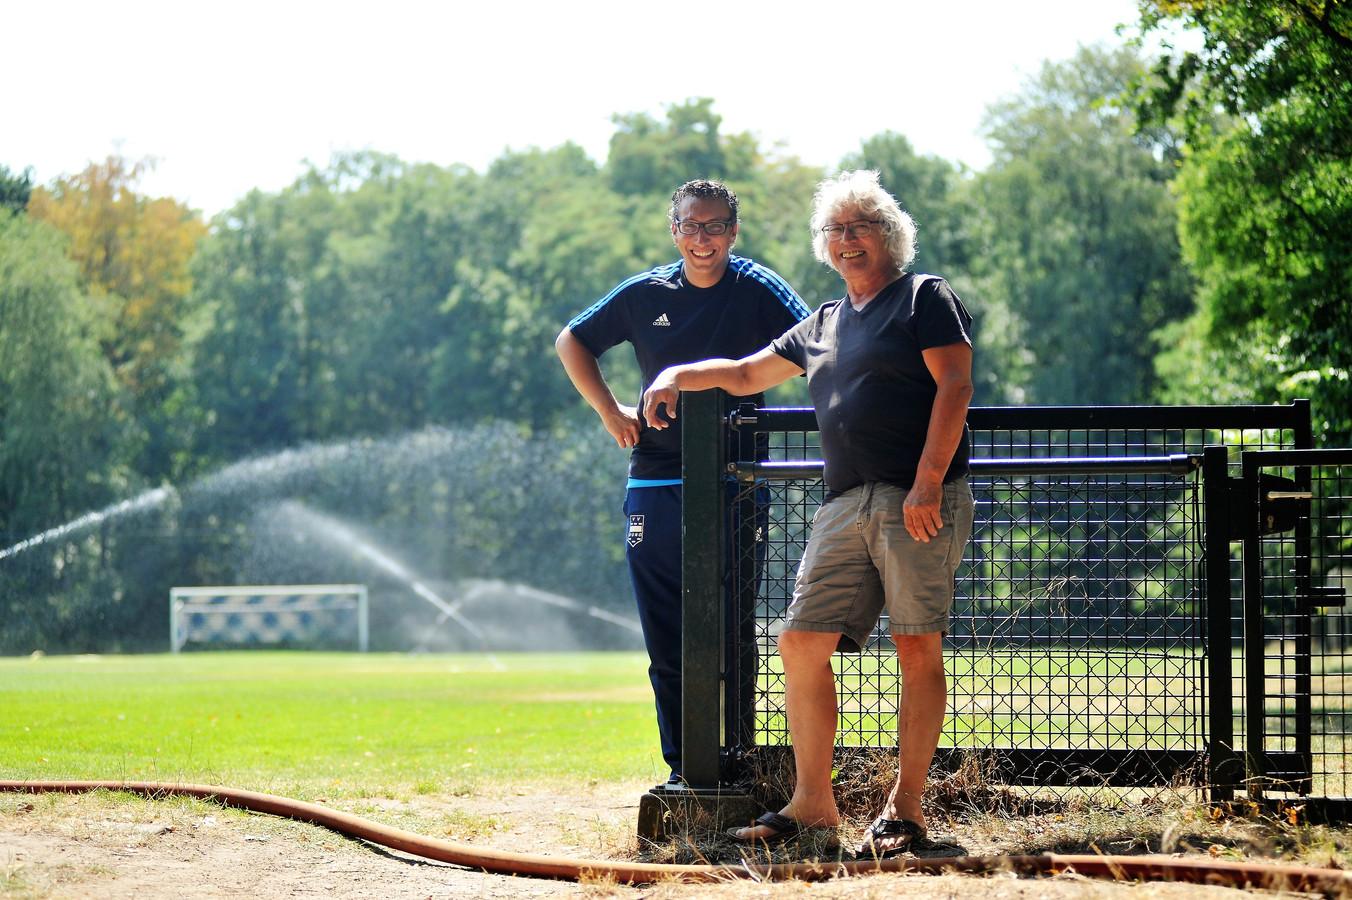 Oury Shem-Tov van Fletcher Hotels (links) en Richard Vacquier Droop, voorzitter van Duno, besproeiden het veld tijdens de droogte met een tuinslang.